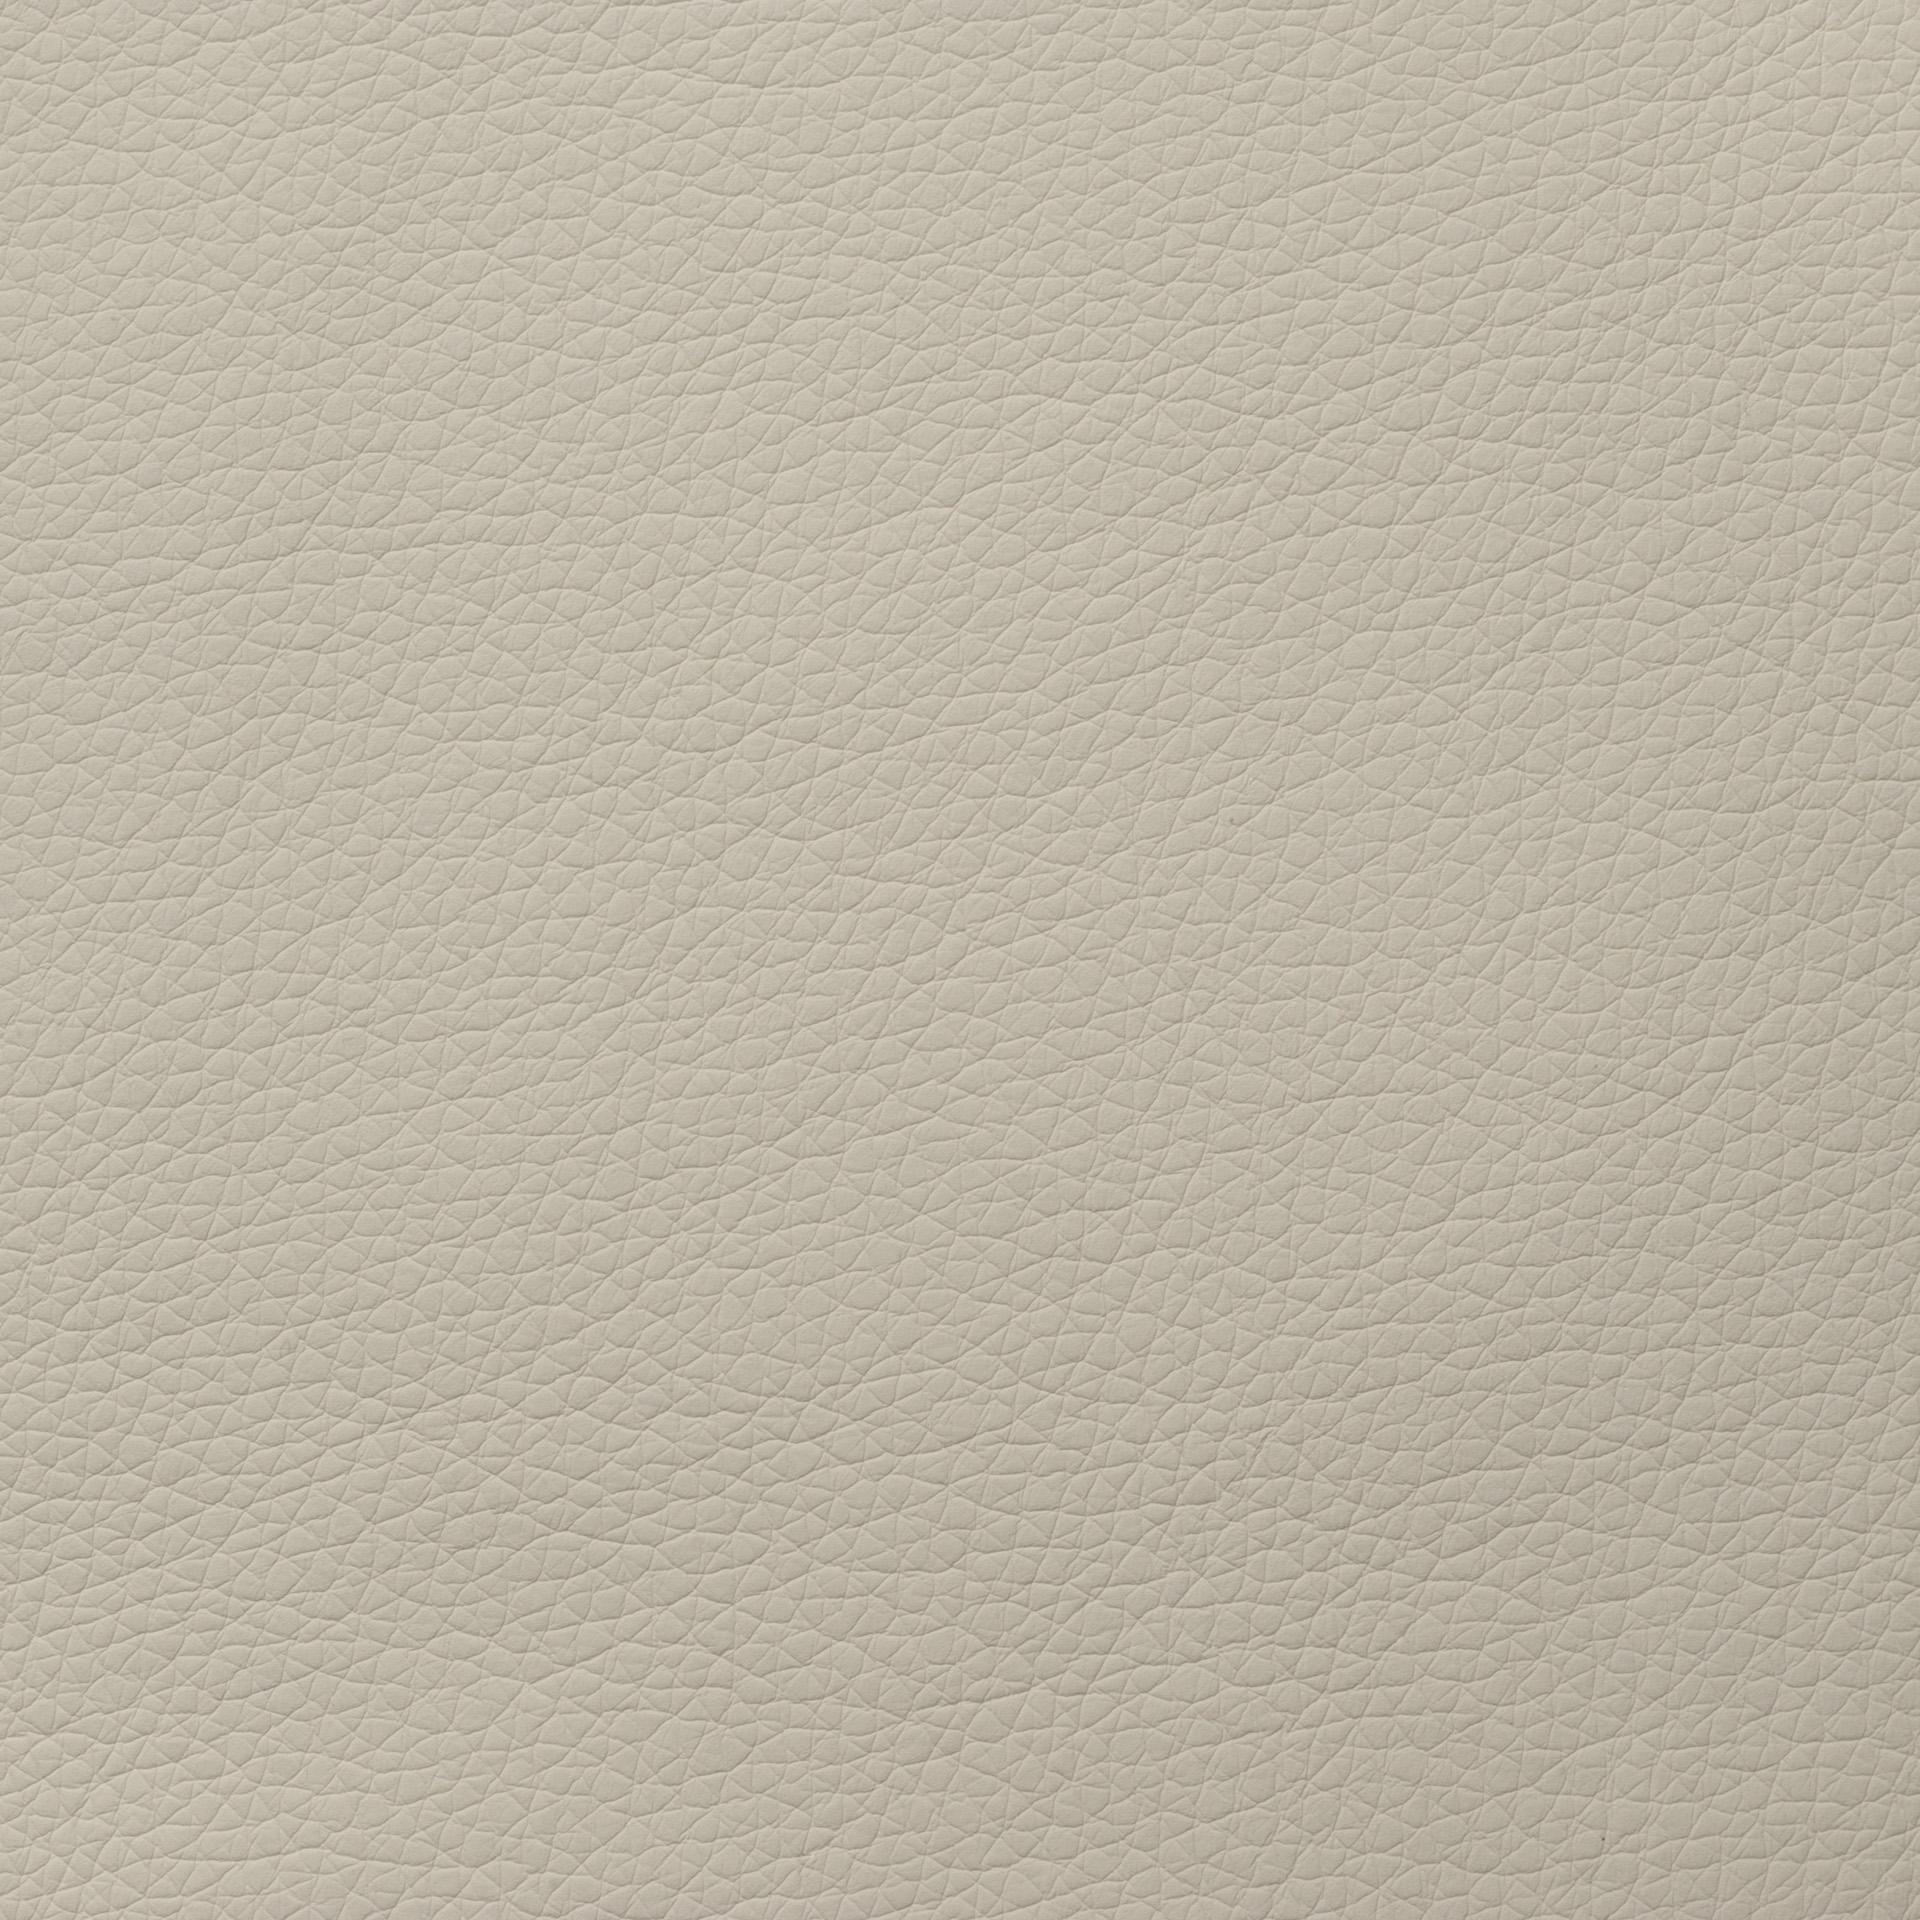 Коллекция ткани Флай 2200,  купить ткань Кож зам для мебели Украина